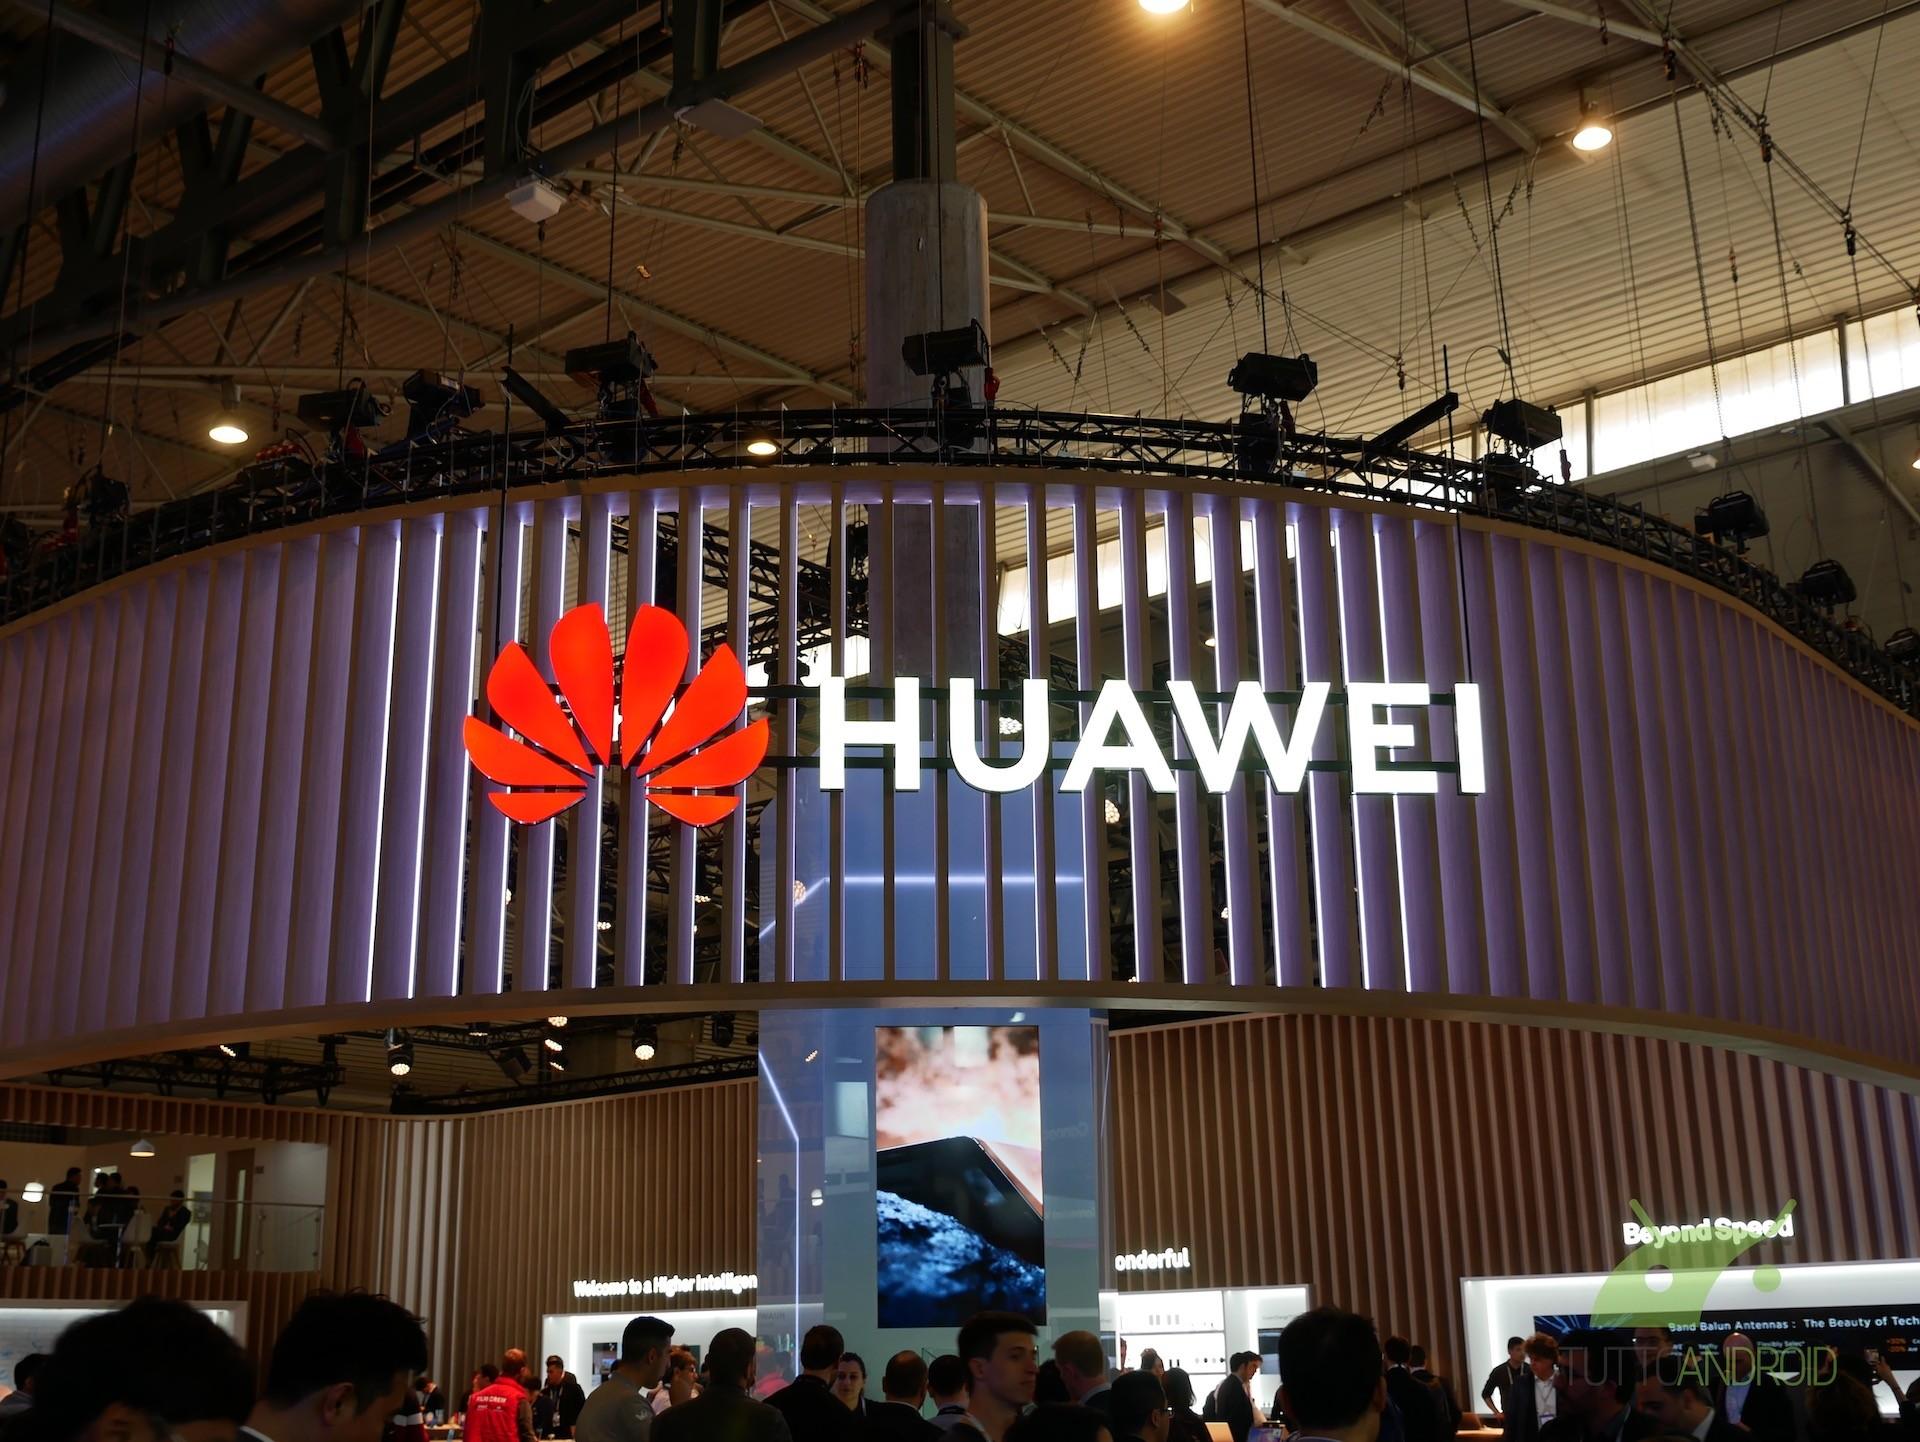 Cosa sta succedendo fra Huawei e Google e cosa cambierà per noi